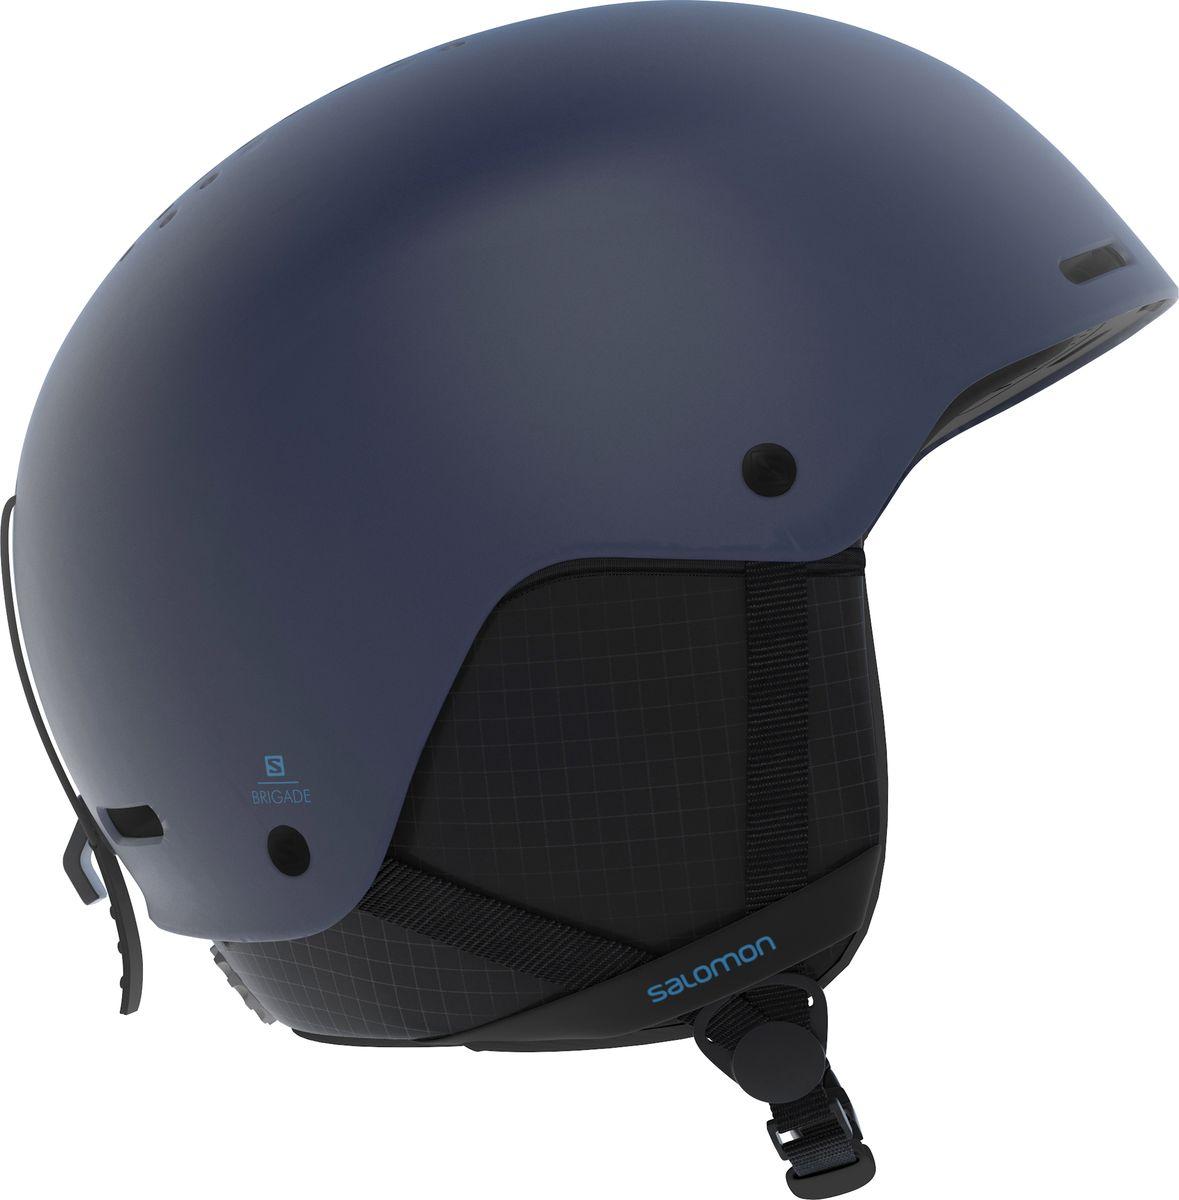 Шлем горнолыжный Salomon Brigade Dress, цвет: синий. Размер M (56-59) шлем горнолыжный salomon helmet brigade audio grey forest gr размер l 58 59